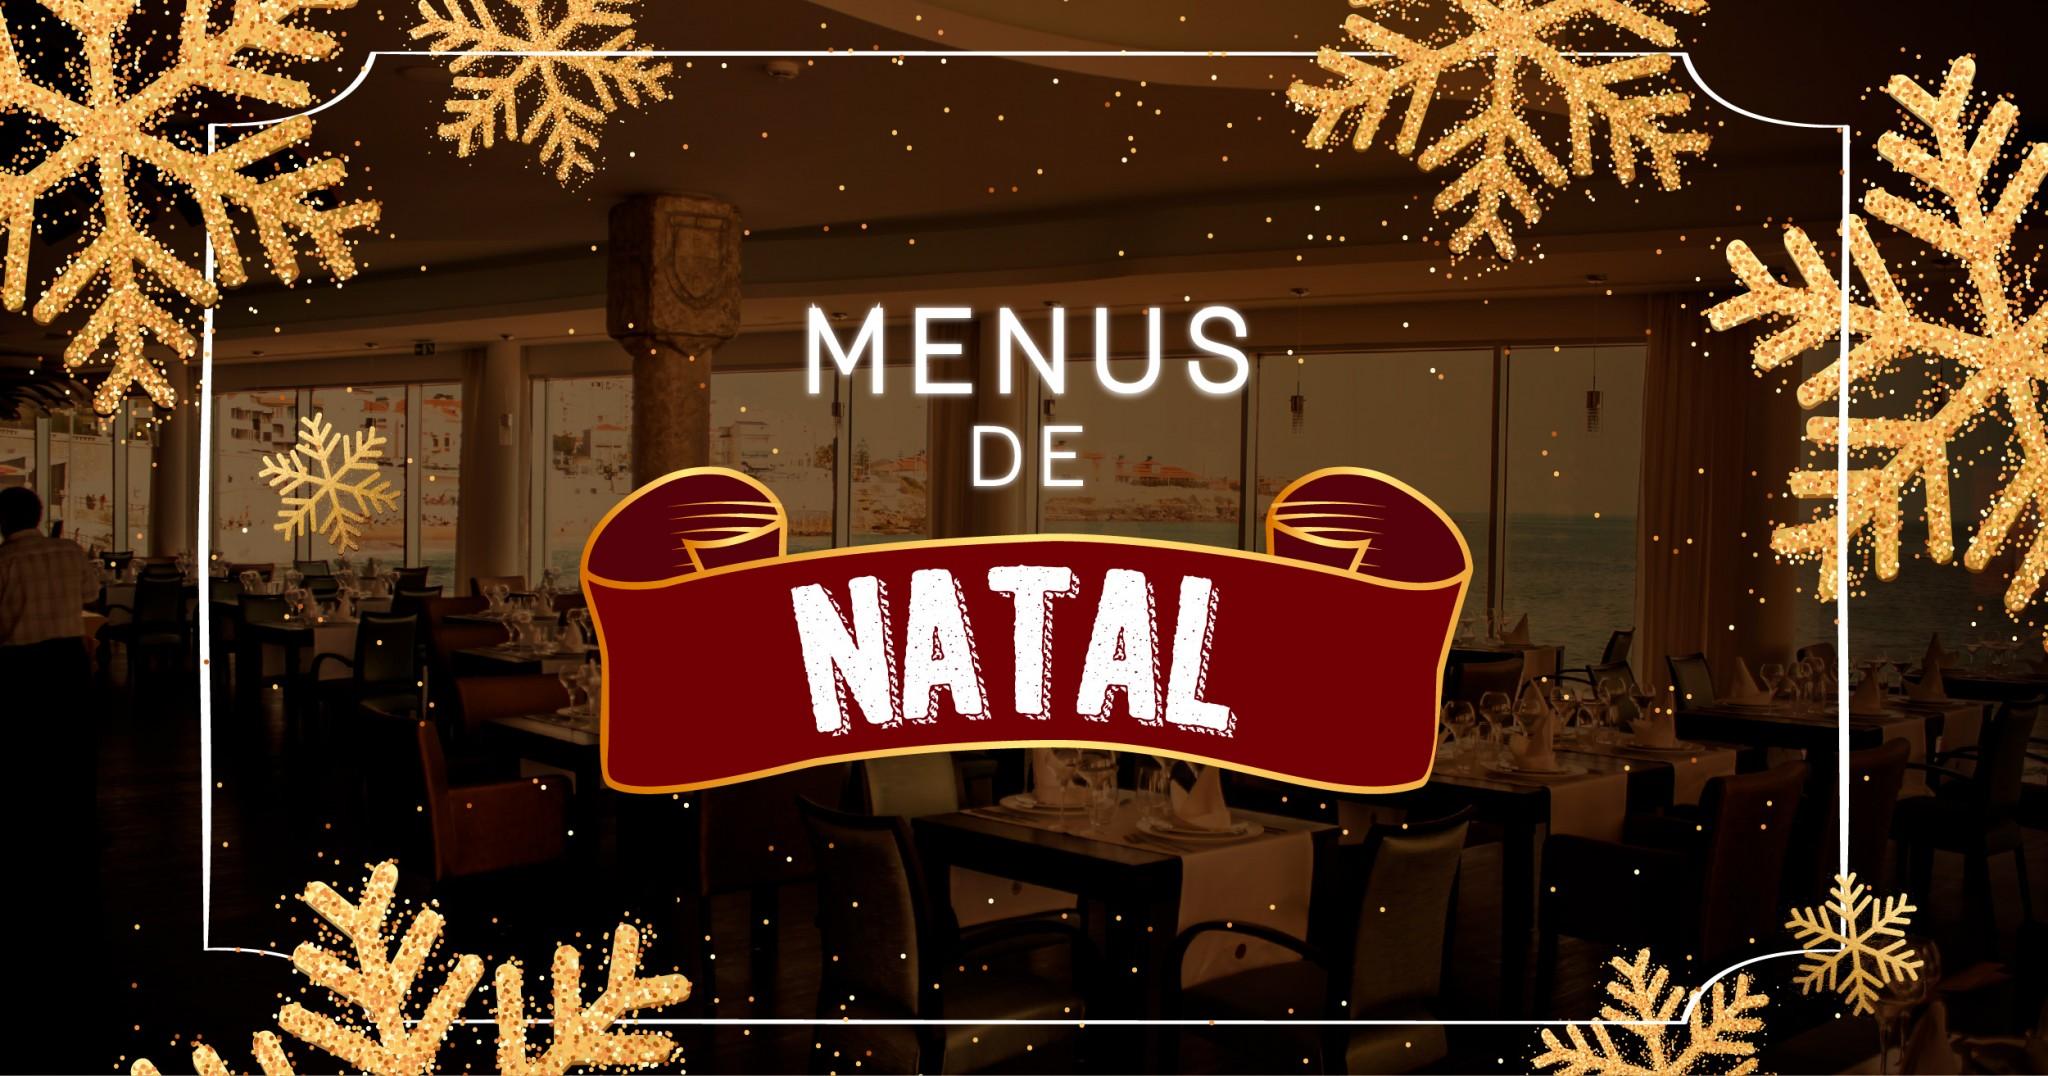 Menus de Natal